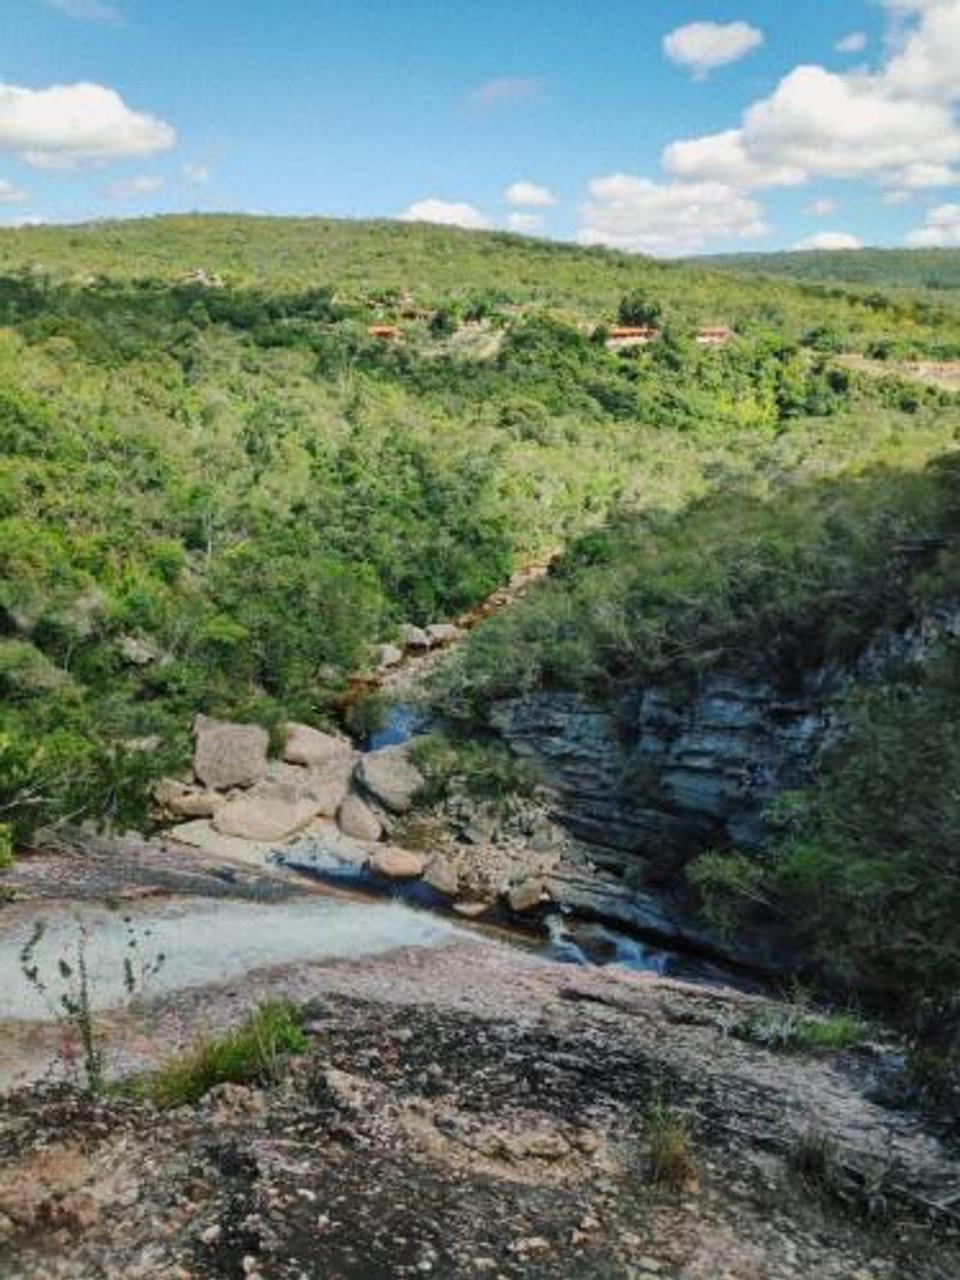 Paisagem da trilha Cachoeira da Conceição dos Gatos no Vale do Capão - Chapada Diamantina (BA). Vista do alto de uma cascata: pedras, topos de árvore e céu azul.